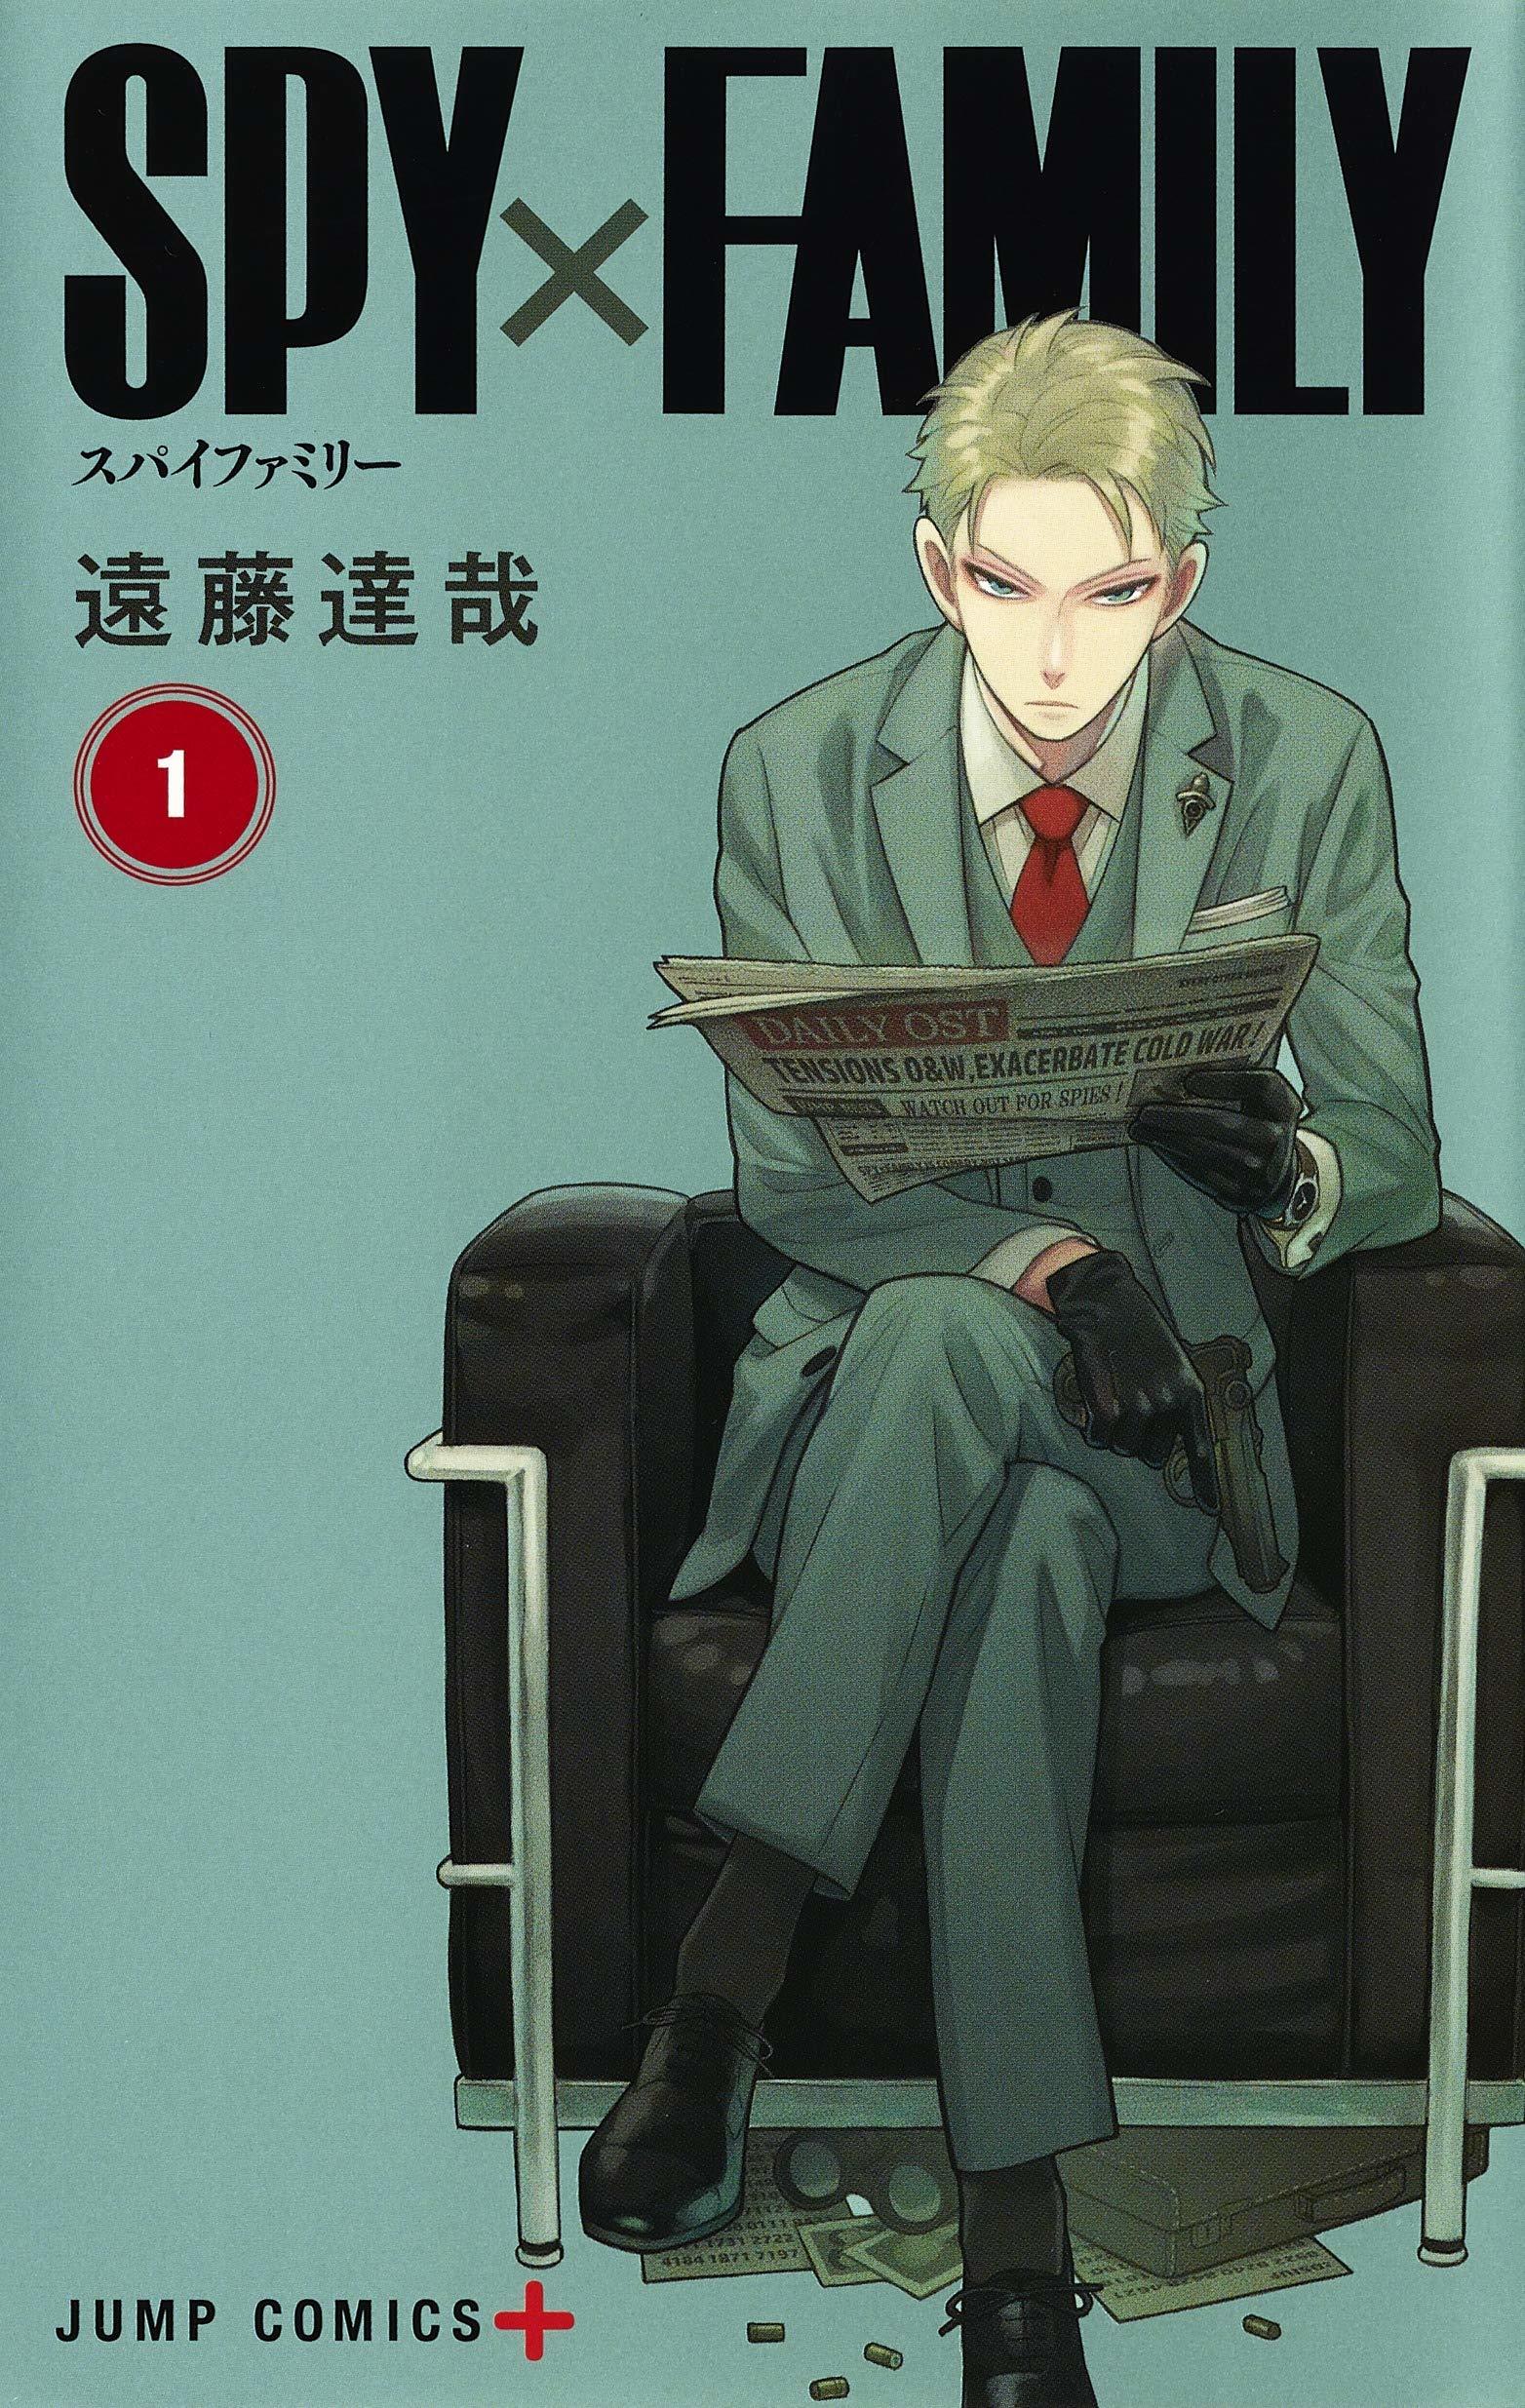 تحديث بشأن مبيعات المجلد السادس من مانجا Spy x Family !